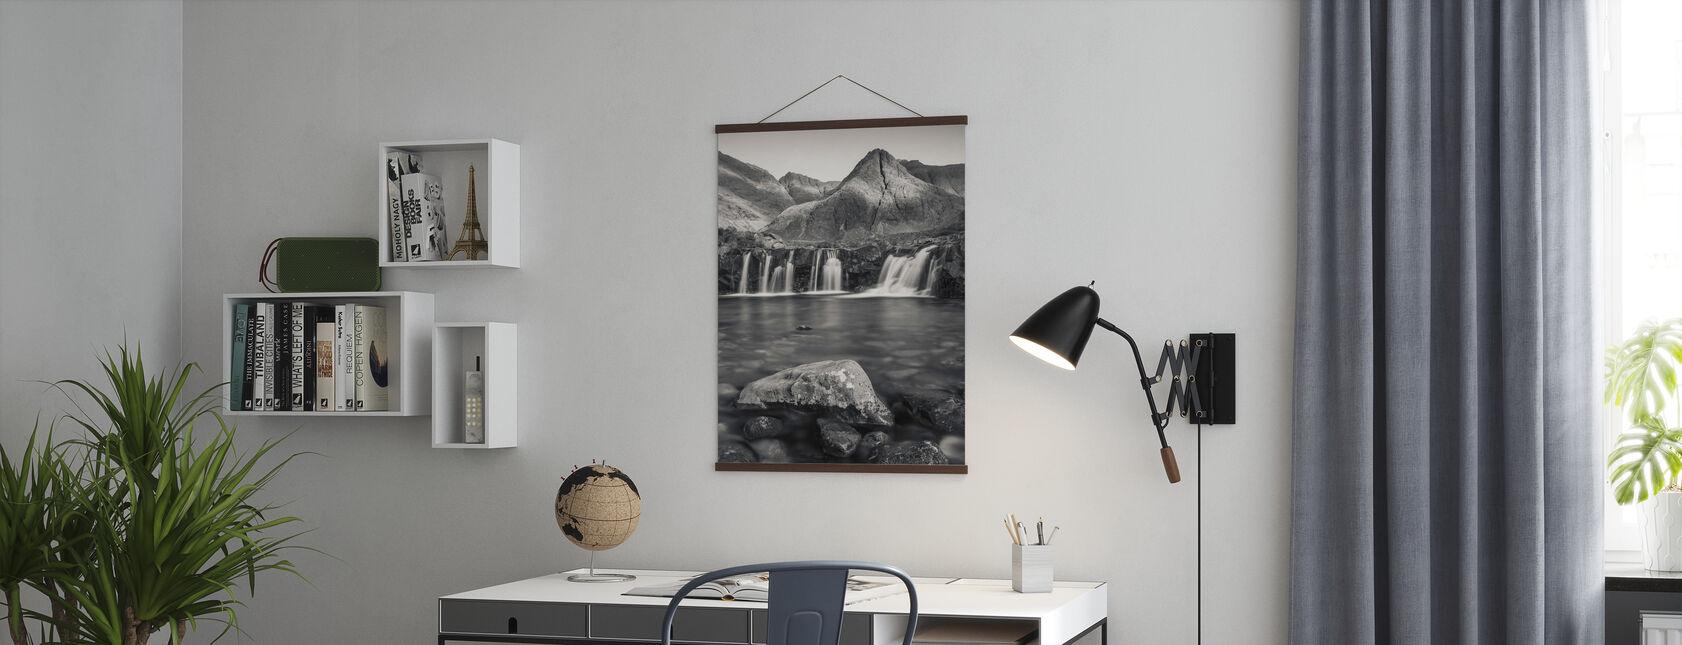 Fairy Zwembaden, Isle of Skye - Schotland - Poster - Kantoor